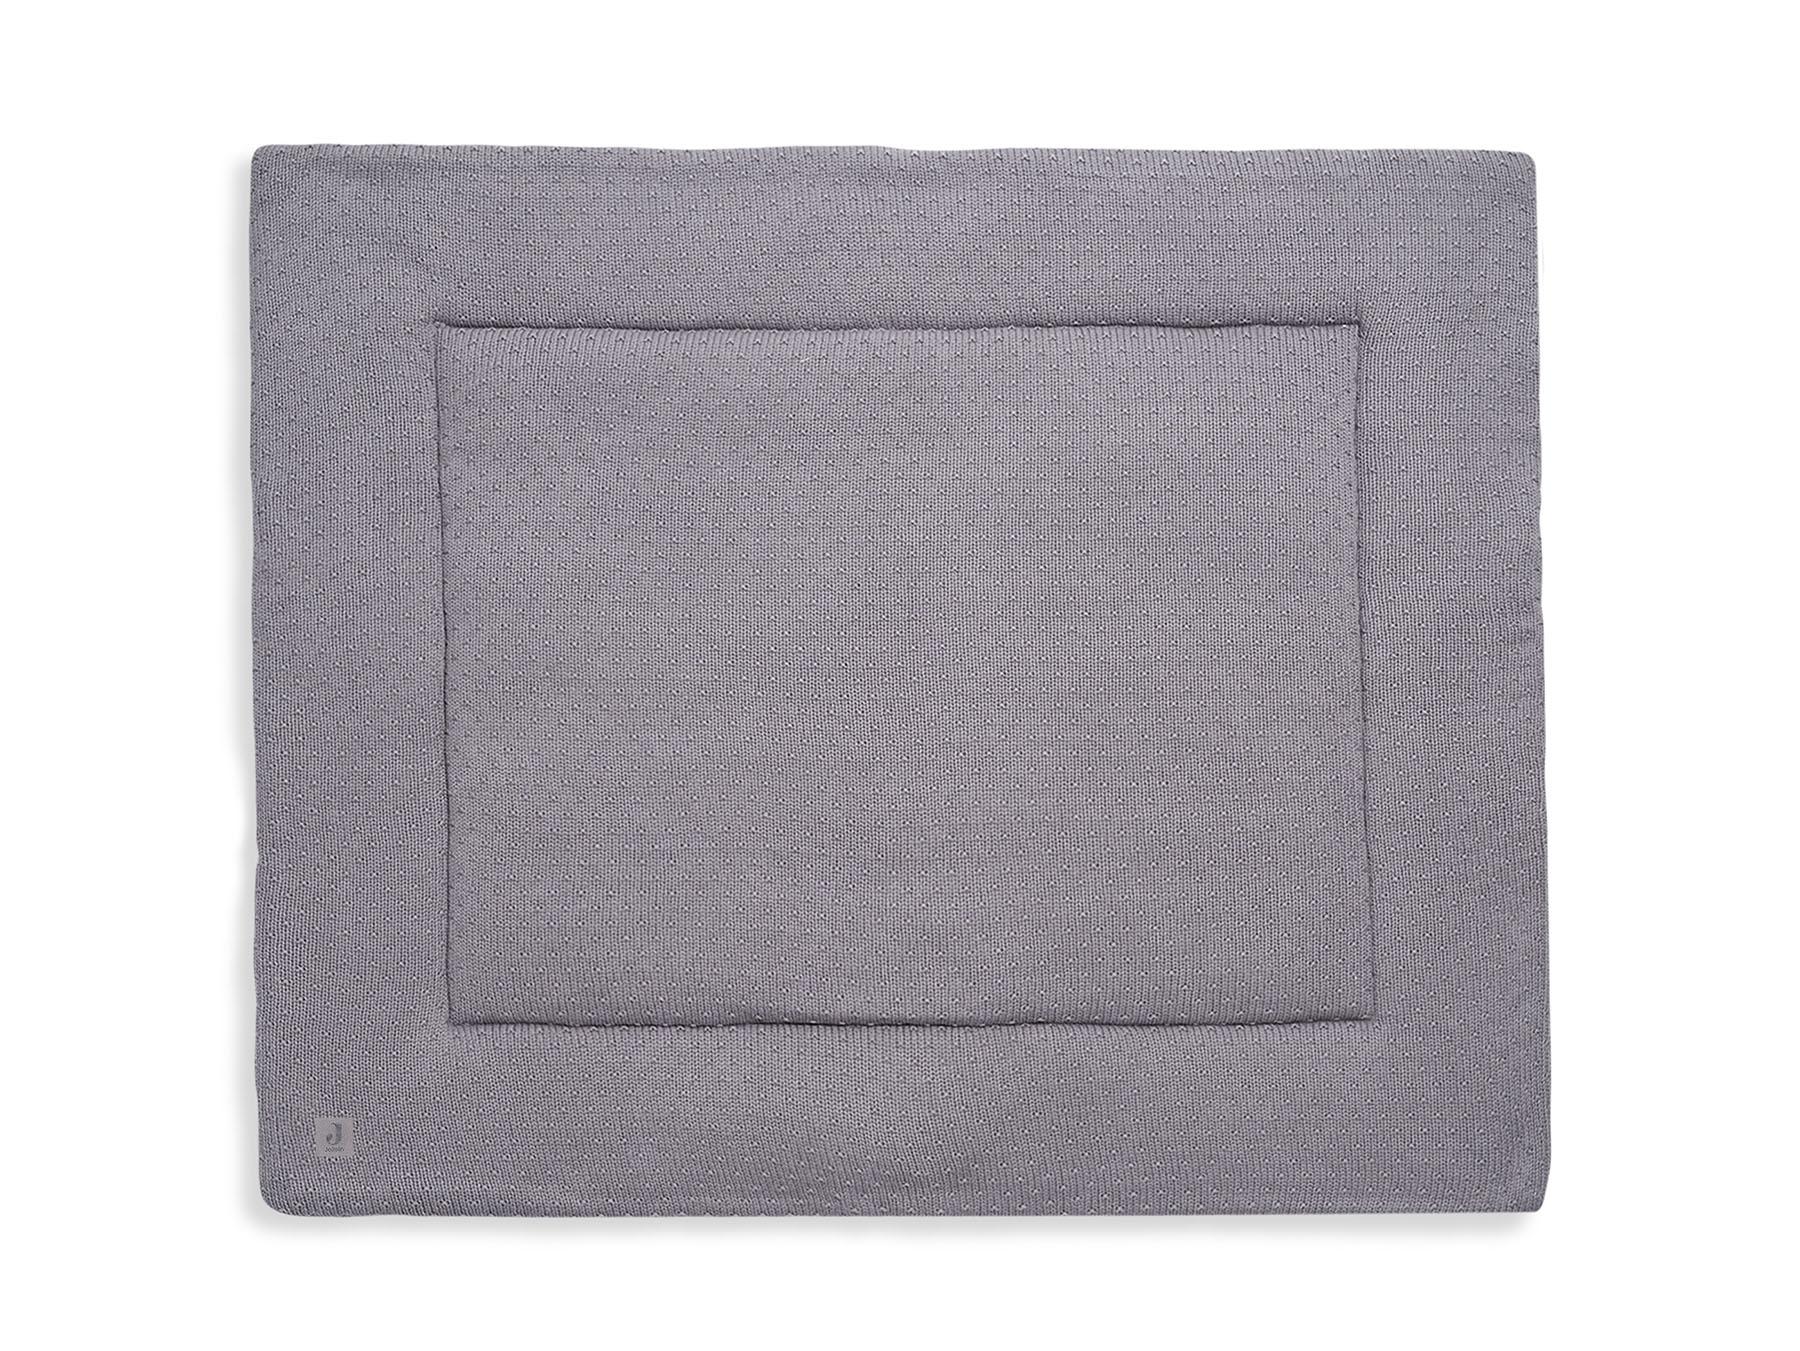 Laufgittereinlage Krabbeldecke Strick Bliss Knit grau (Gr. 80x100 cm)